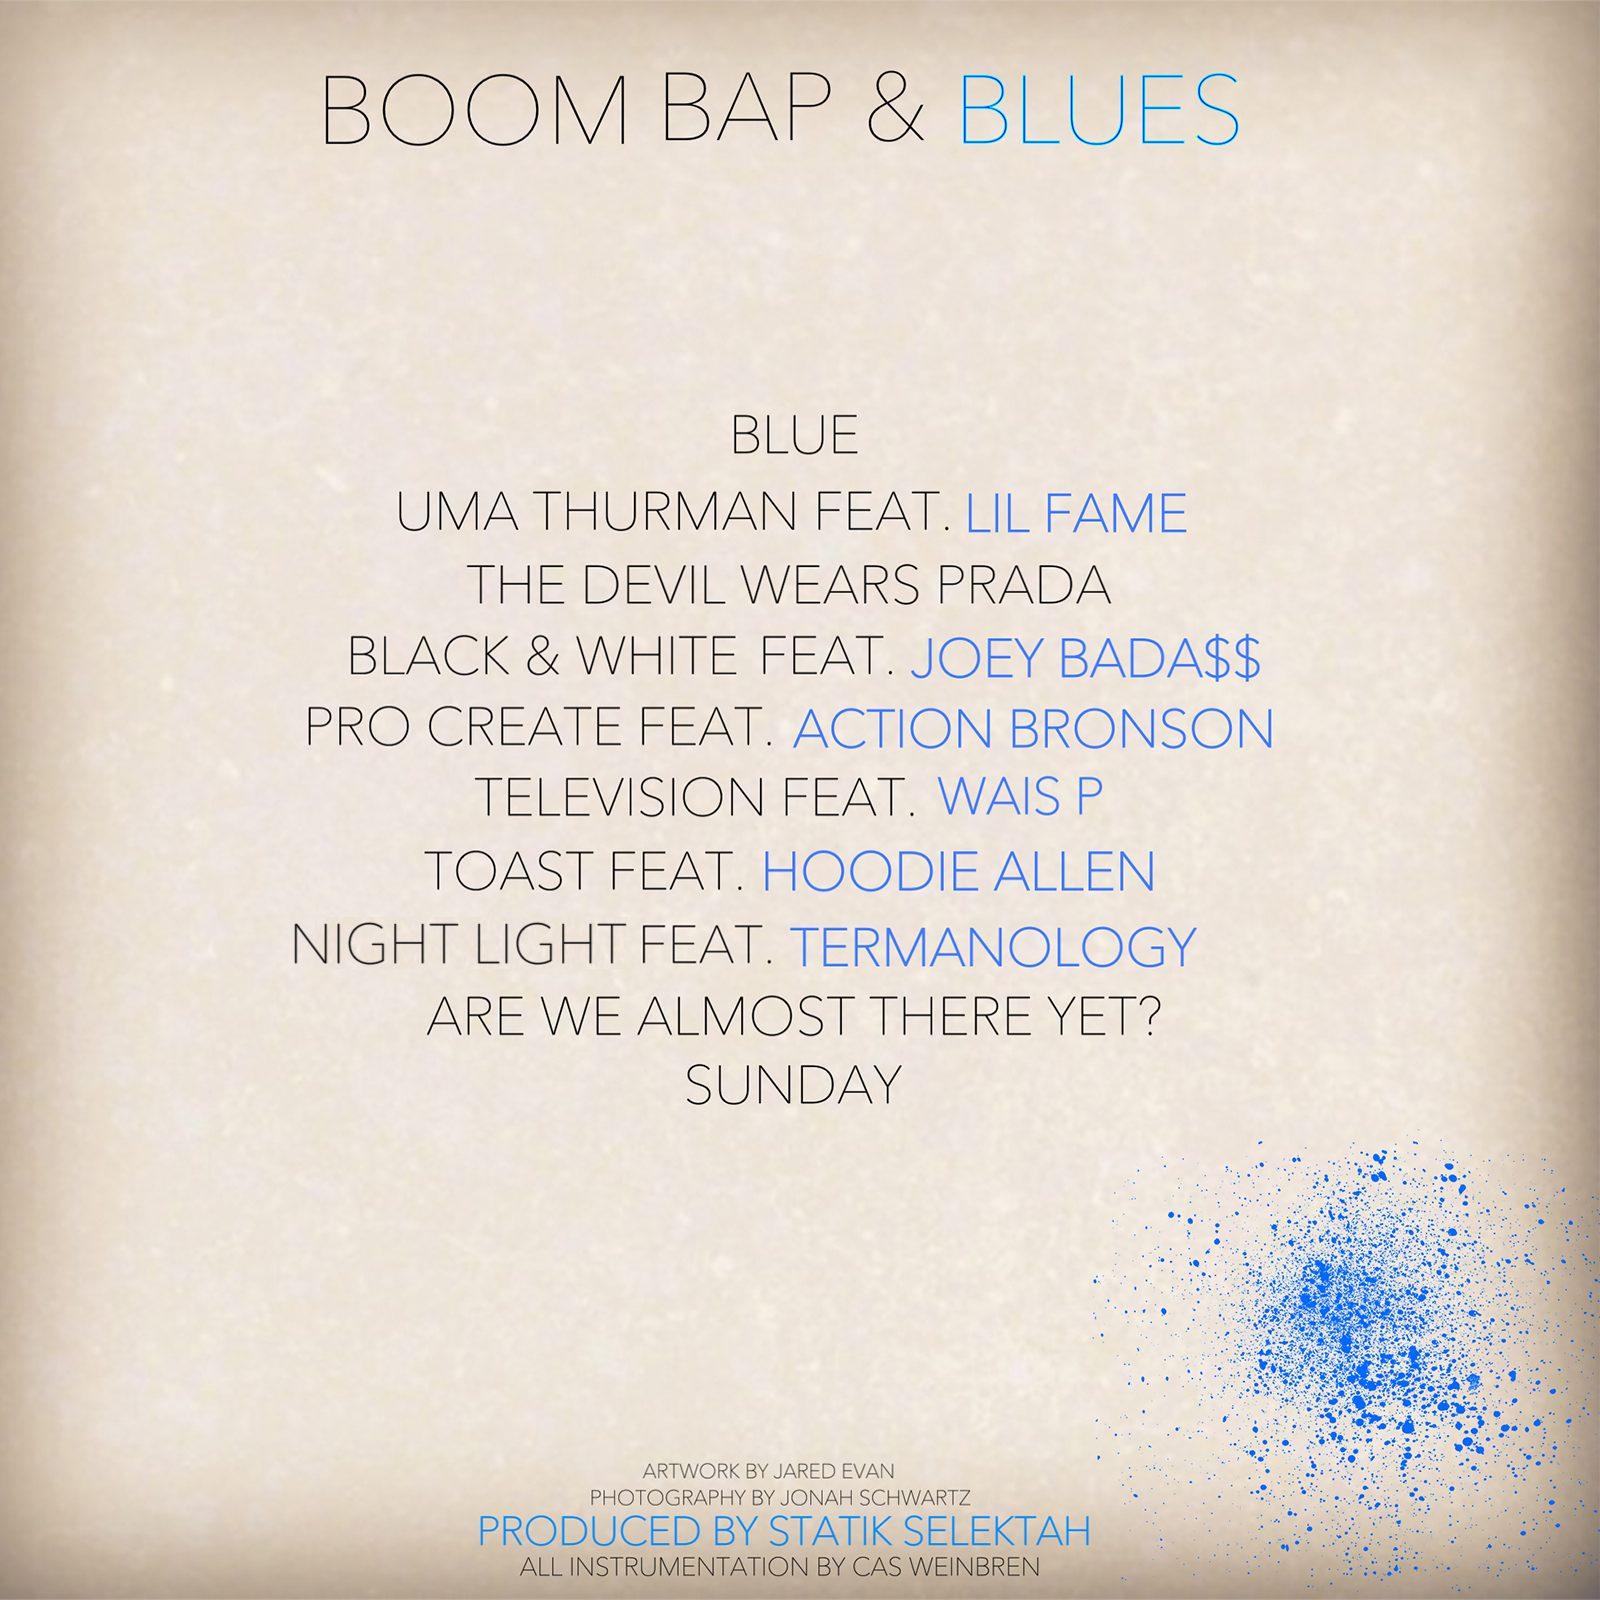 Jared Evan - Boom Bap & Blues2